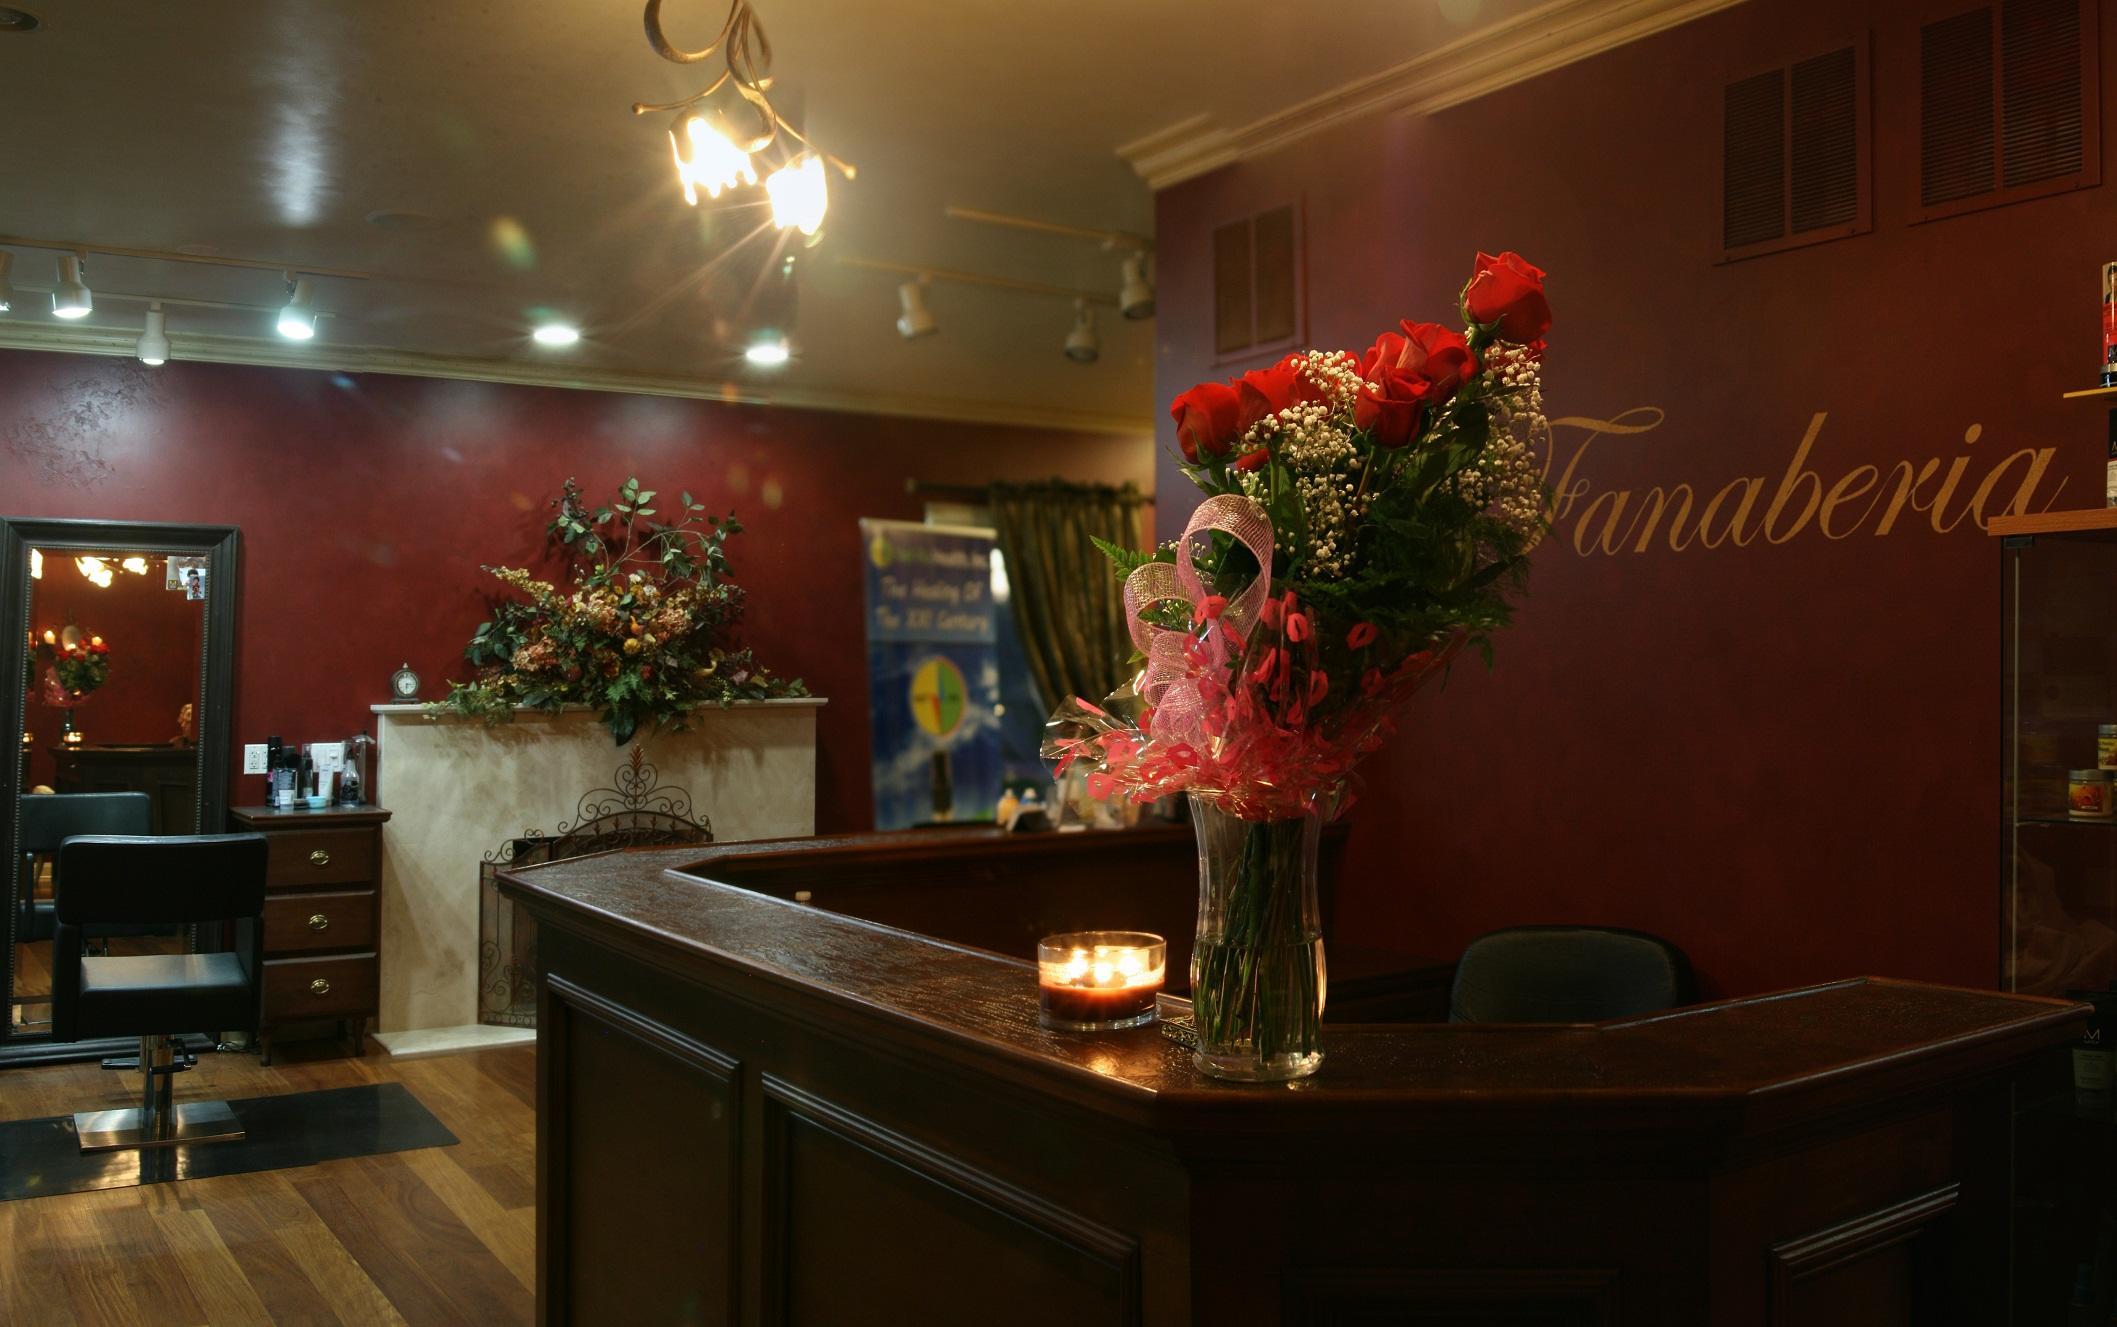 Fanaberia Salon & Day Spa image 0